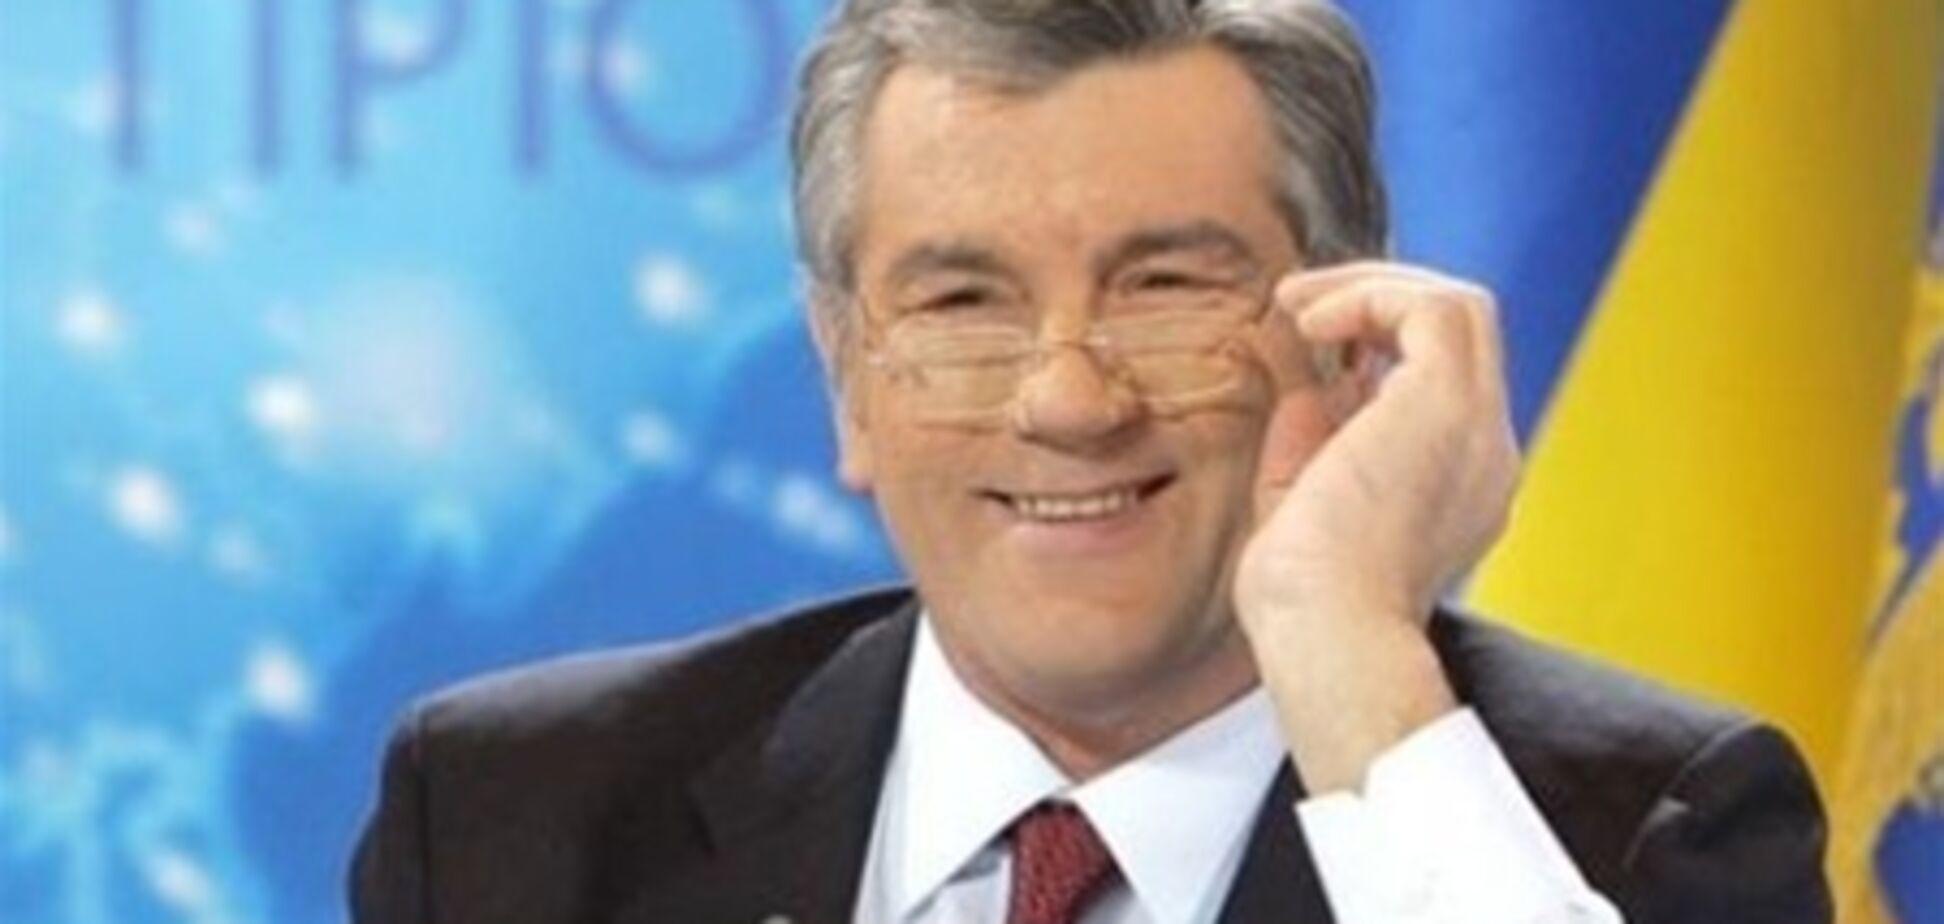 Ющенко після розлучення подарував дружині елітний особняк. Фото